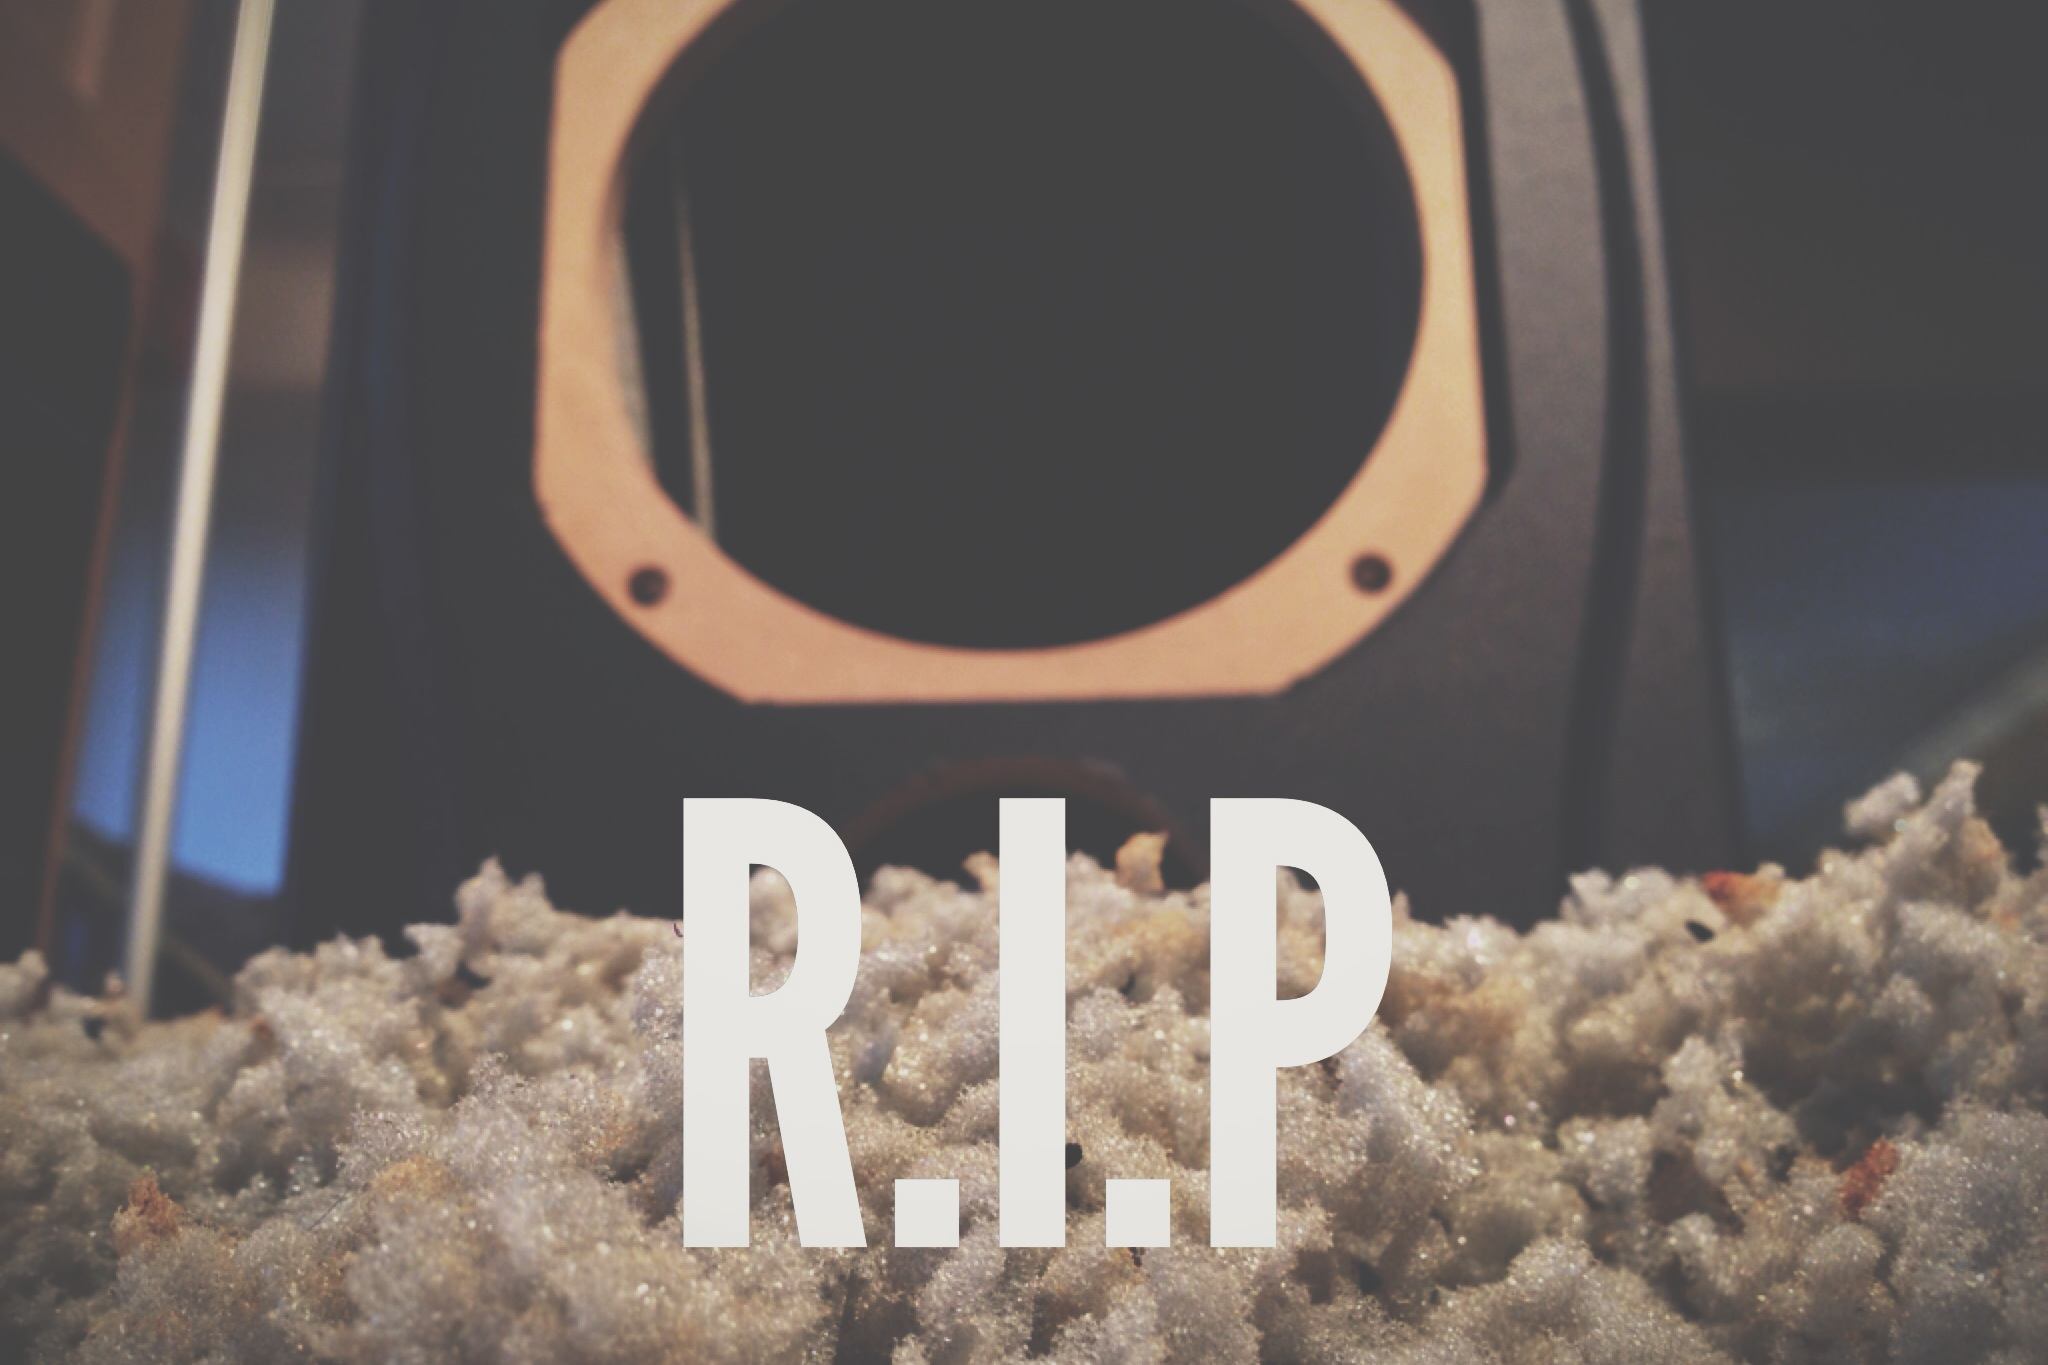 Dead Speakers, New Speakers.